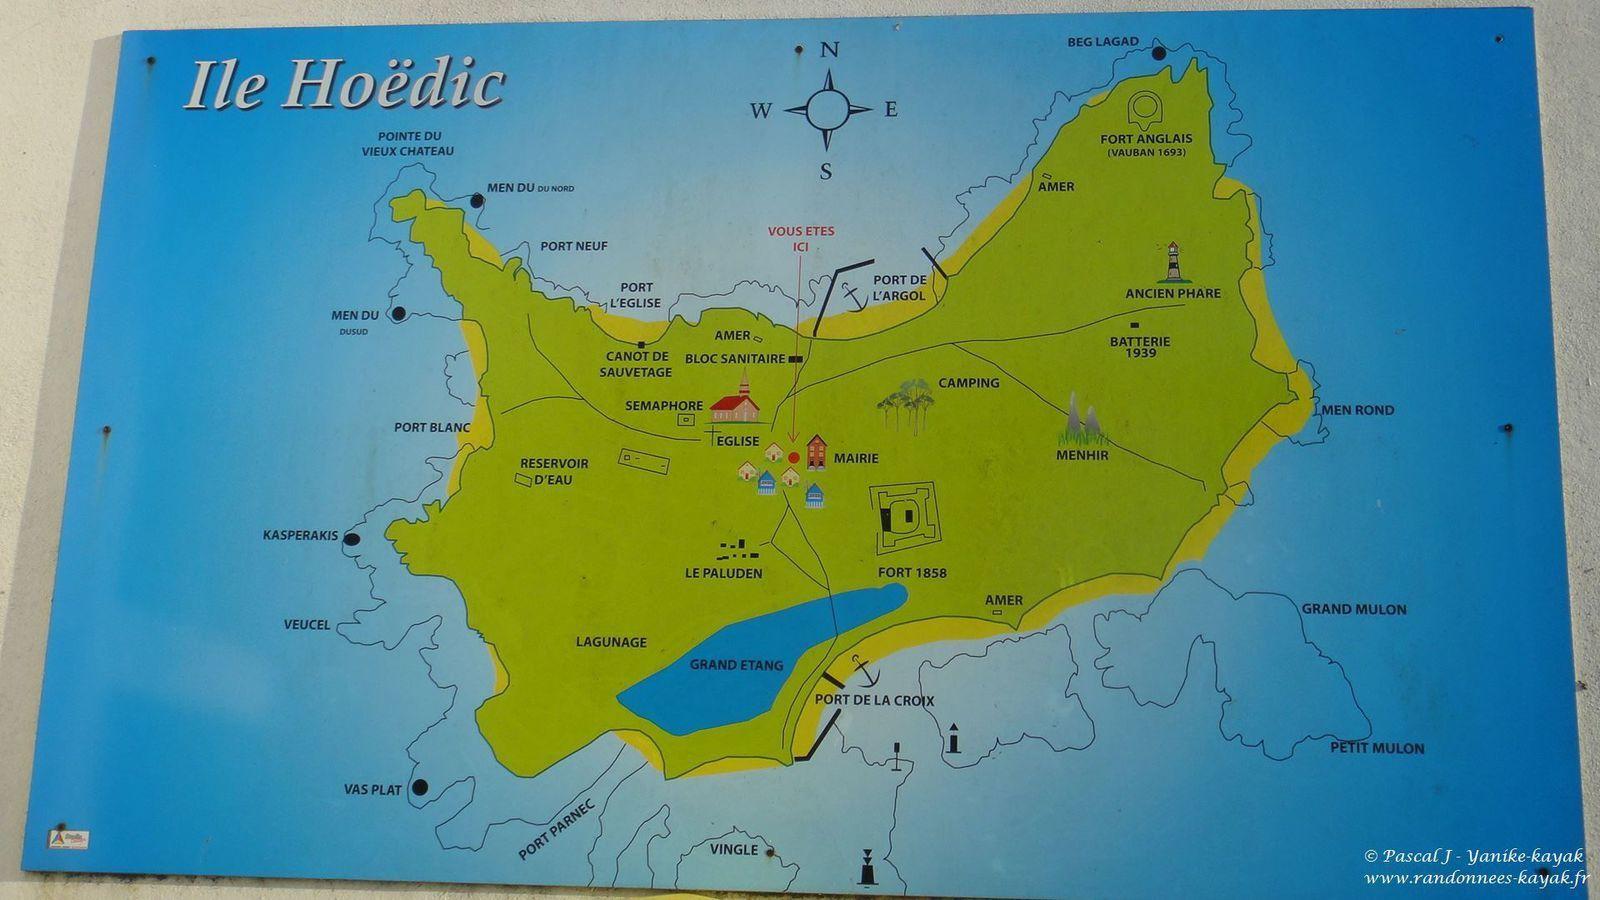 Penvins - Ile Dumet - Ile d'Hoedic